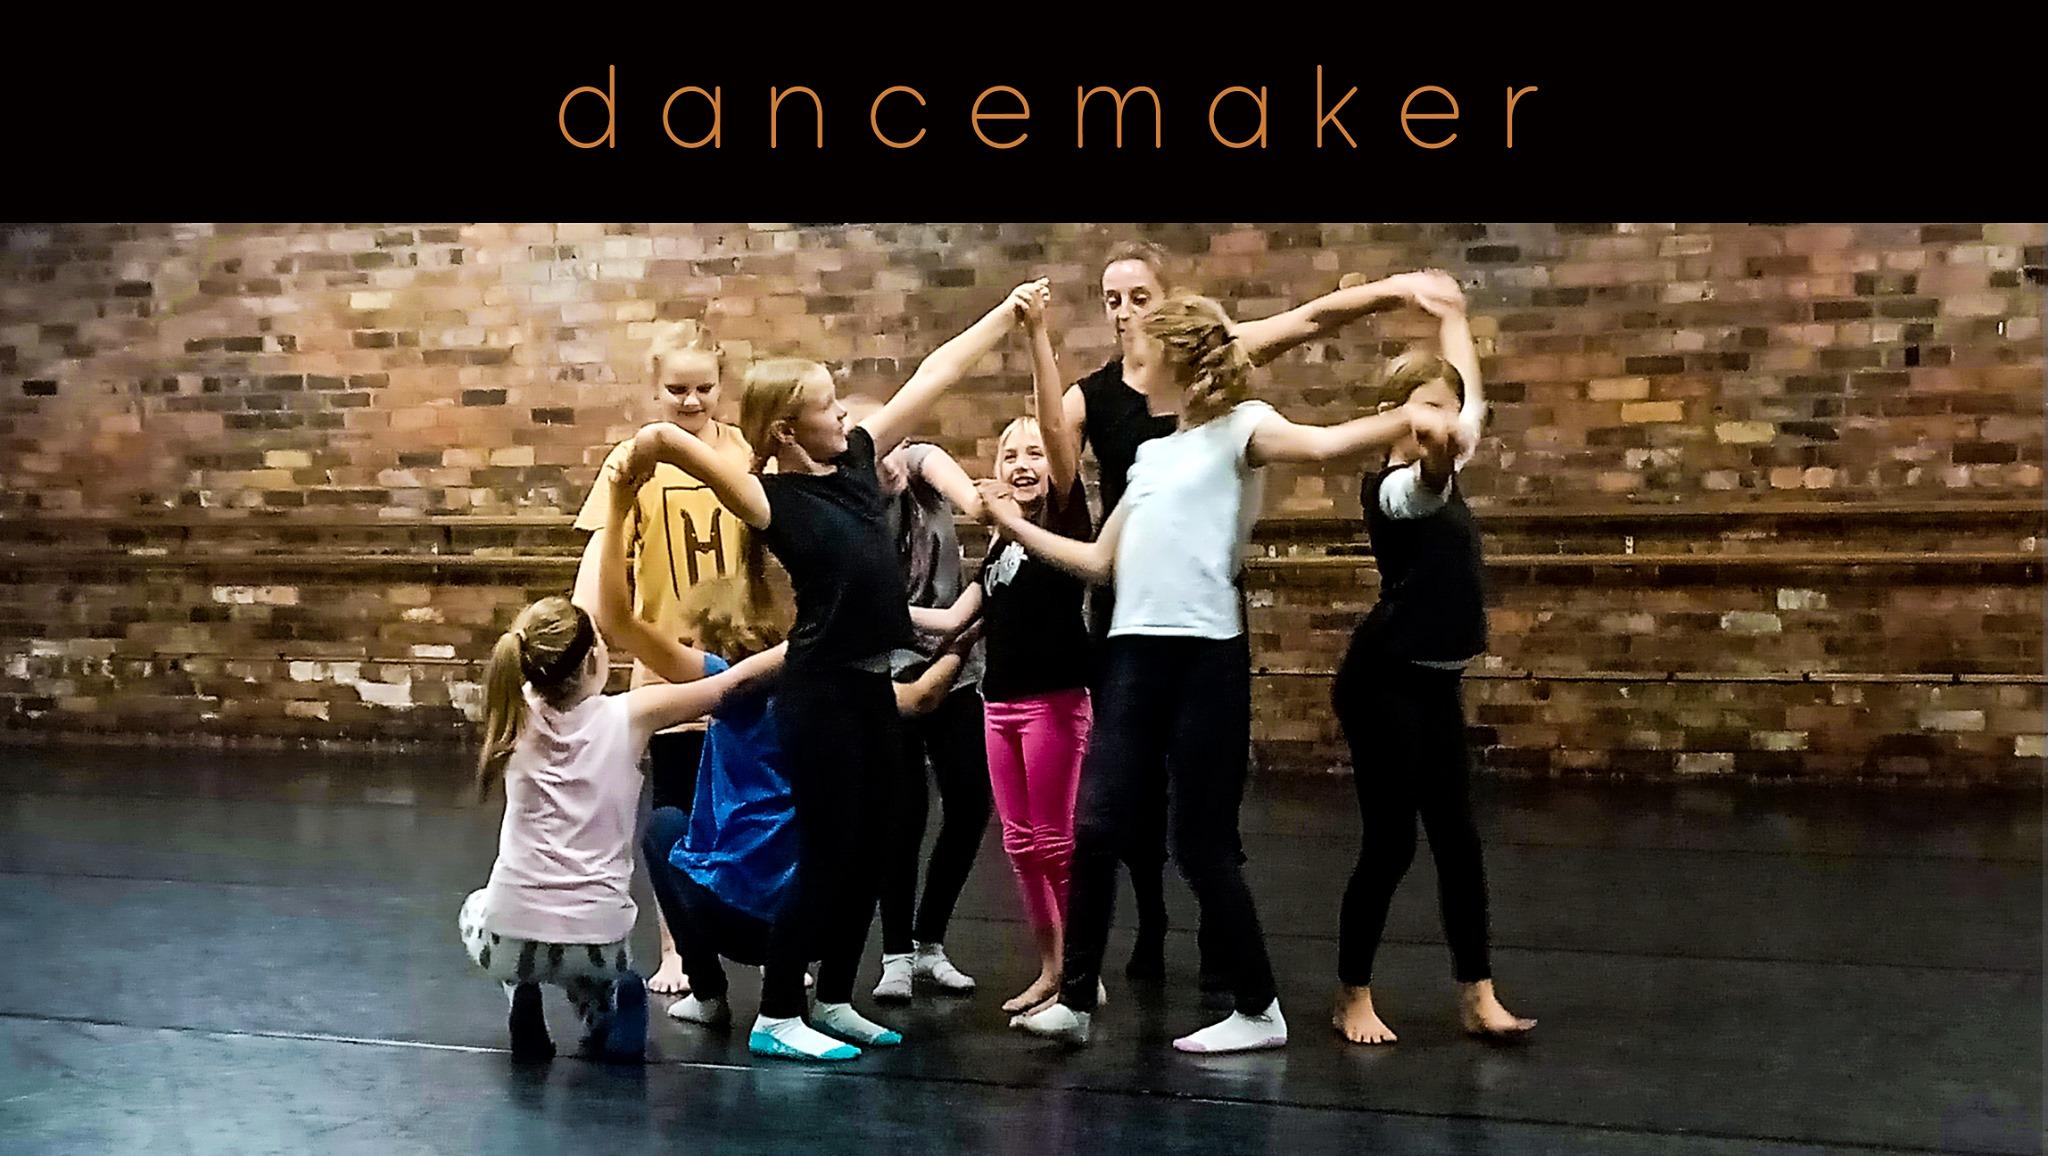 dancemaker.jpg